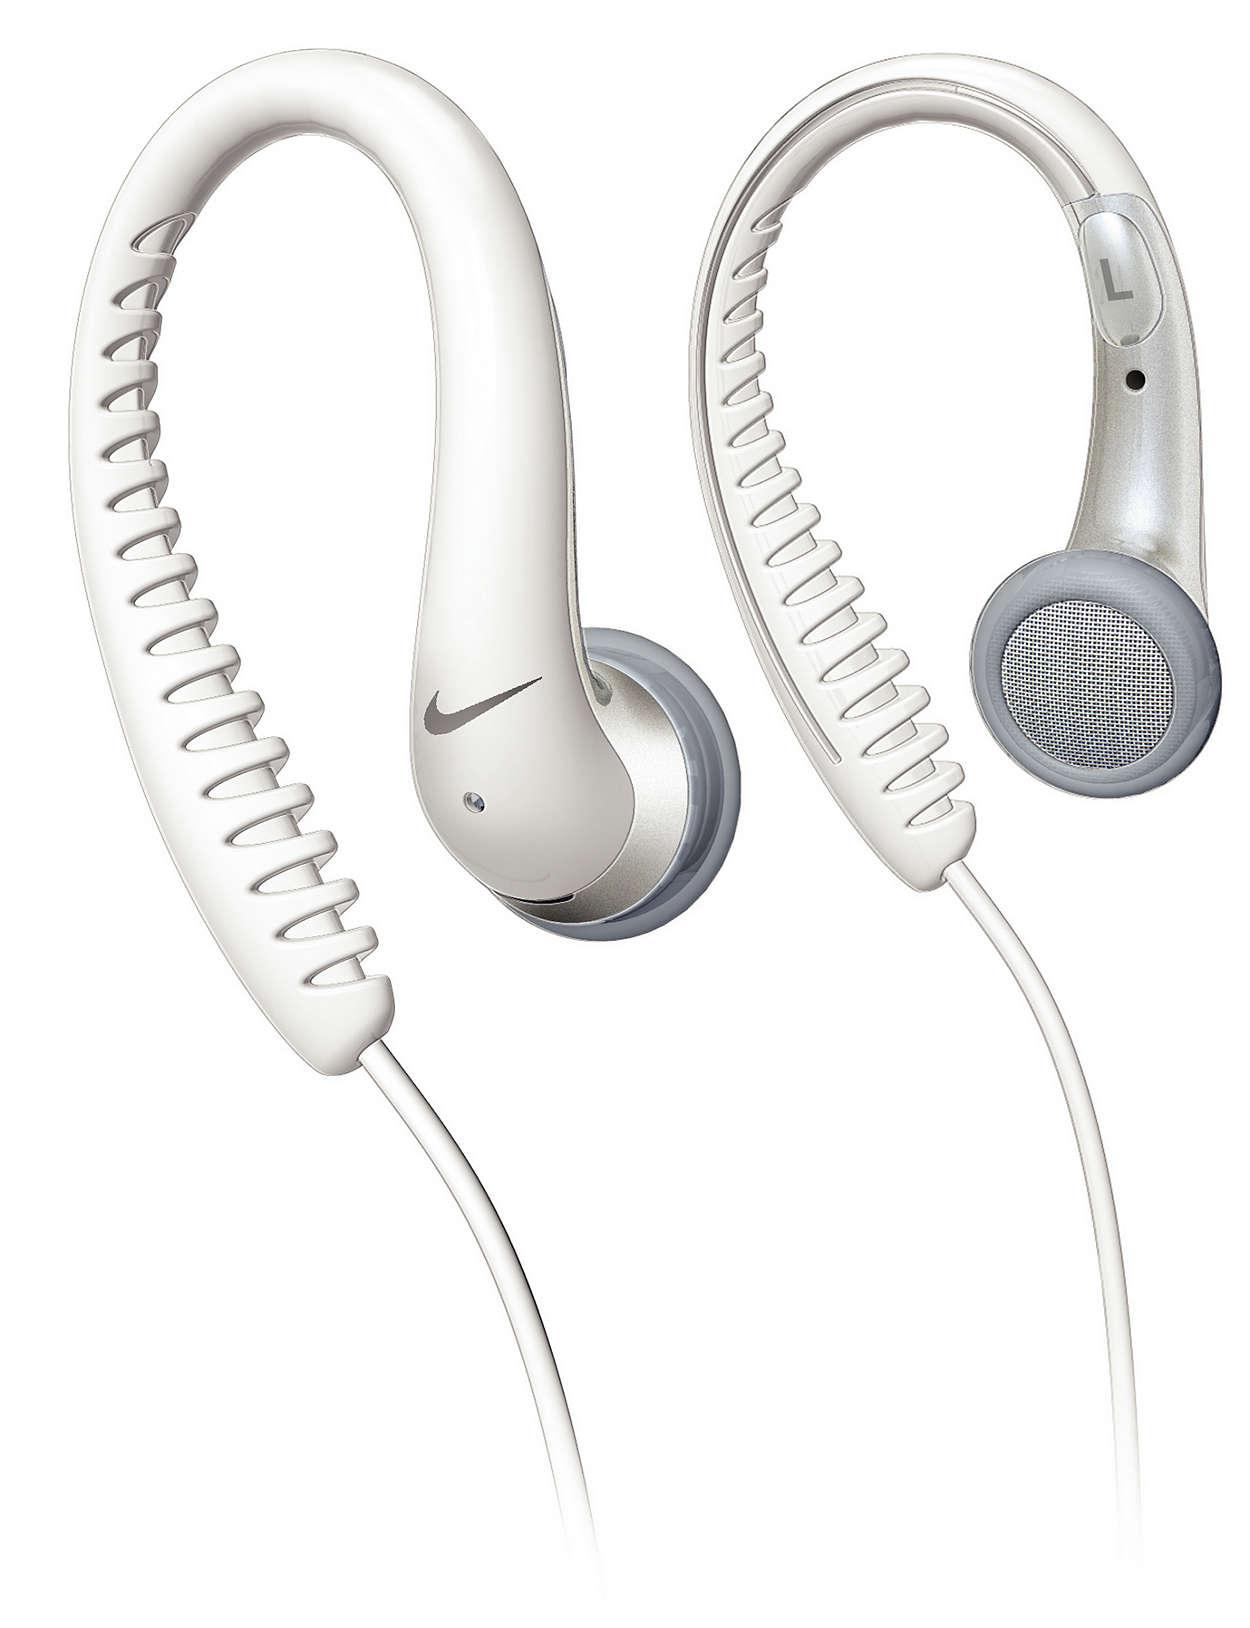 ที่เกี่ยวหูหุ้มด้วยยางที่สามารถยืดหยุ่นได้